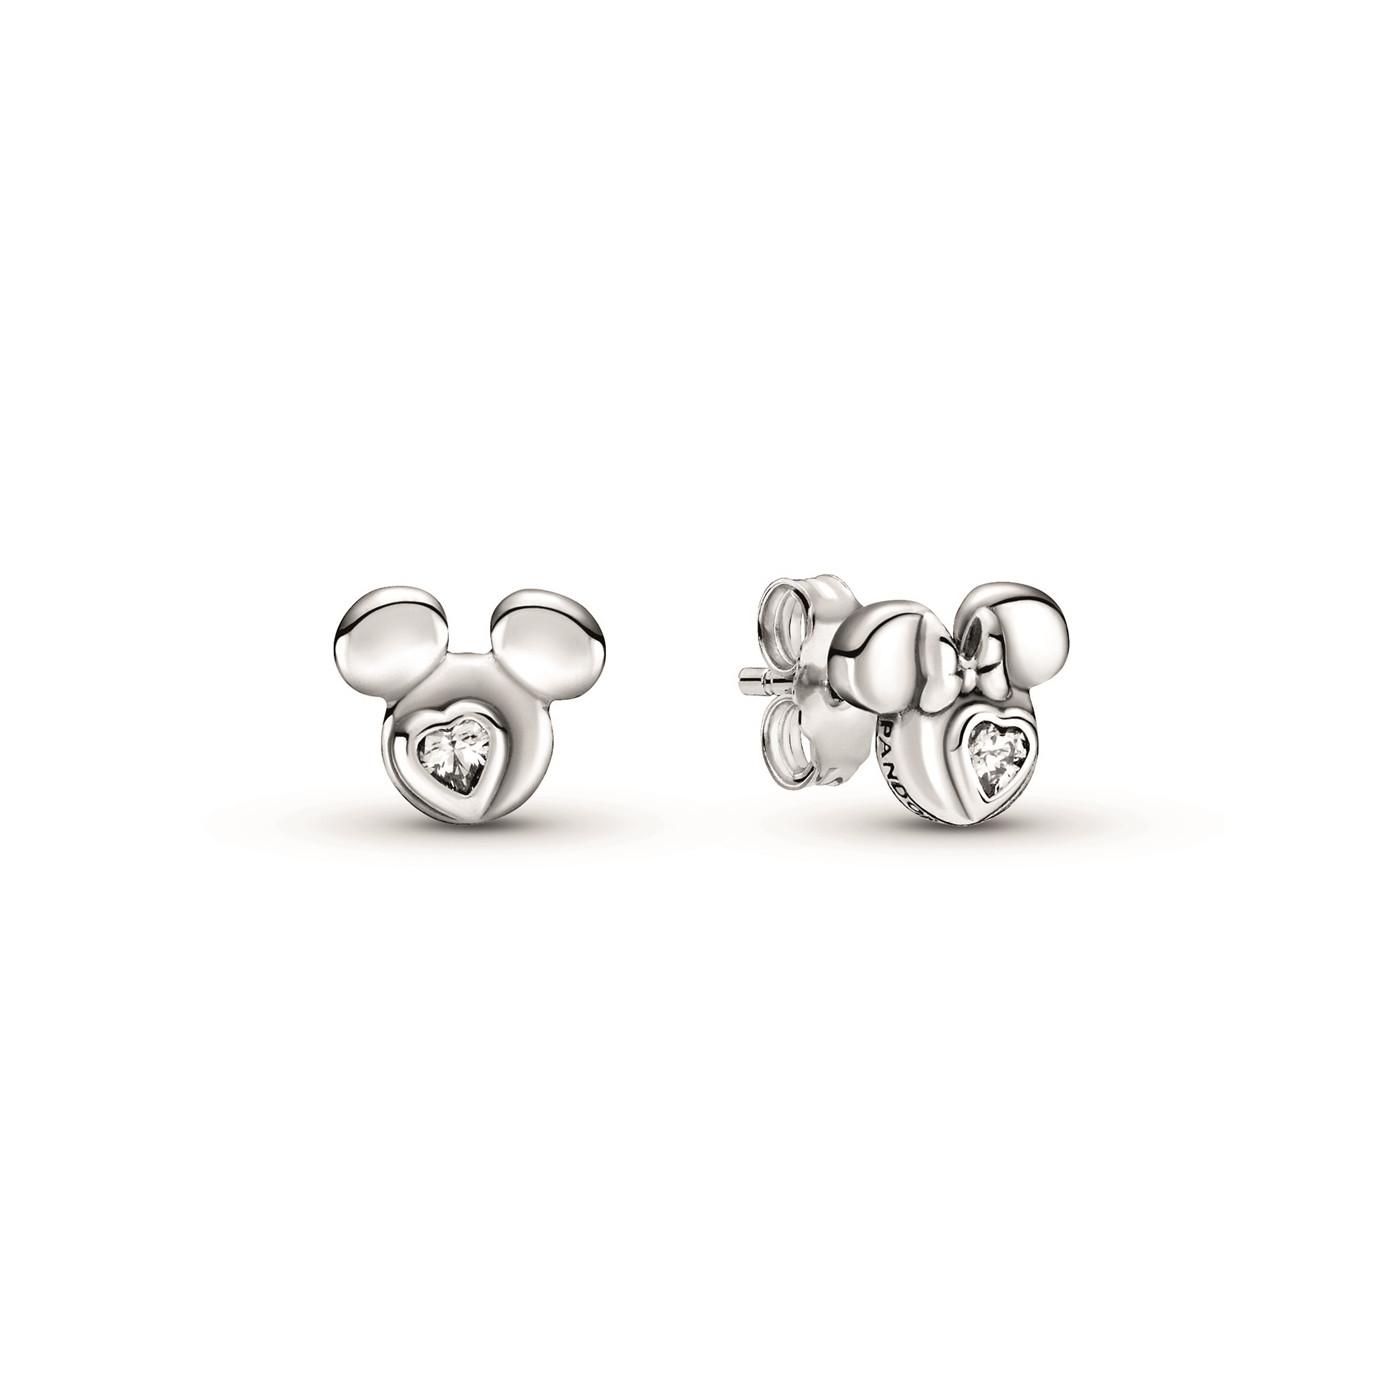 Pandora Pendientes de botón en plata Siluetas Mickey y Minnie Mouse de Disney